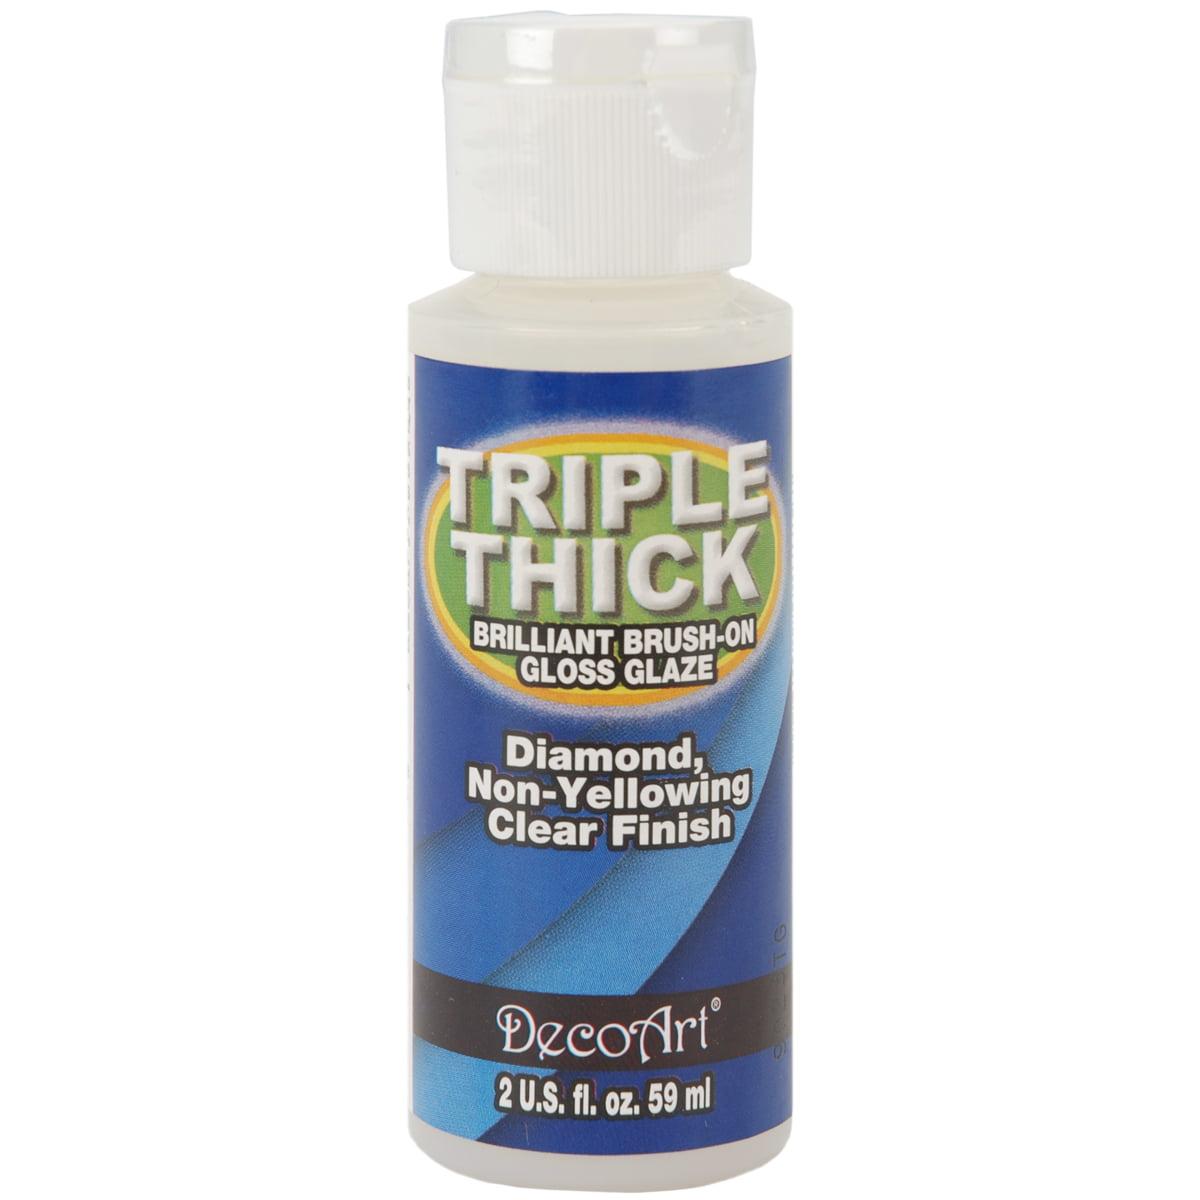 Deco Art? Triple Thick Brilliant Brush-On Glaze - 2oz./Gloss Multi-Colored